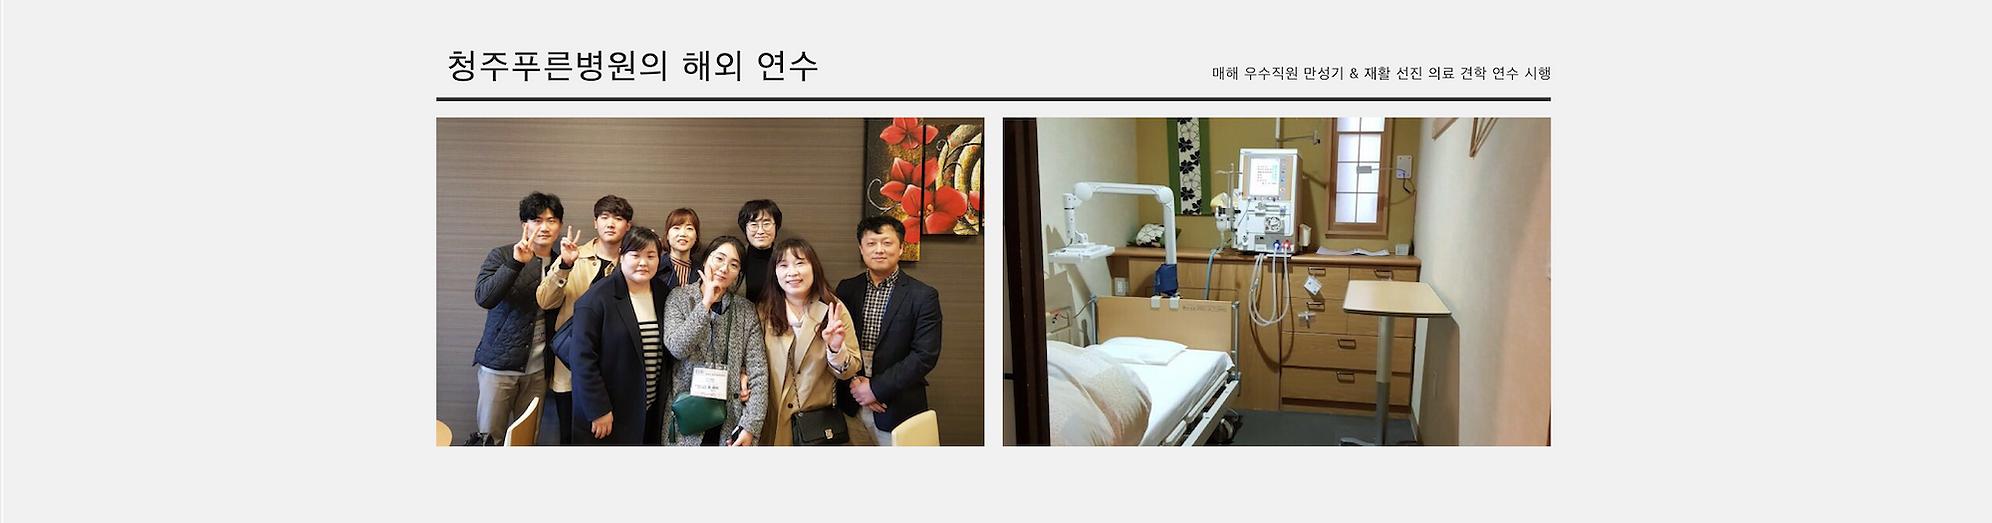 청주푸른병원 인재 채용 4.png